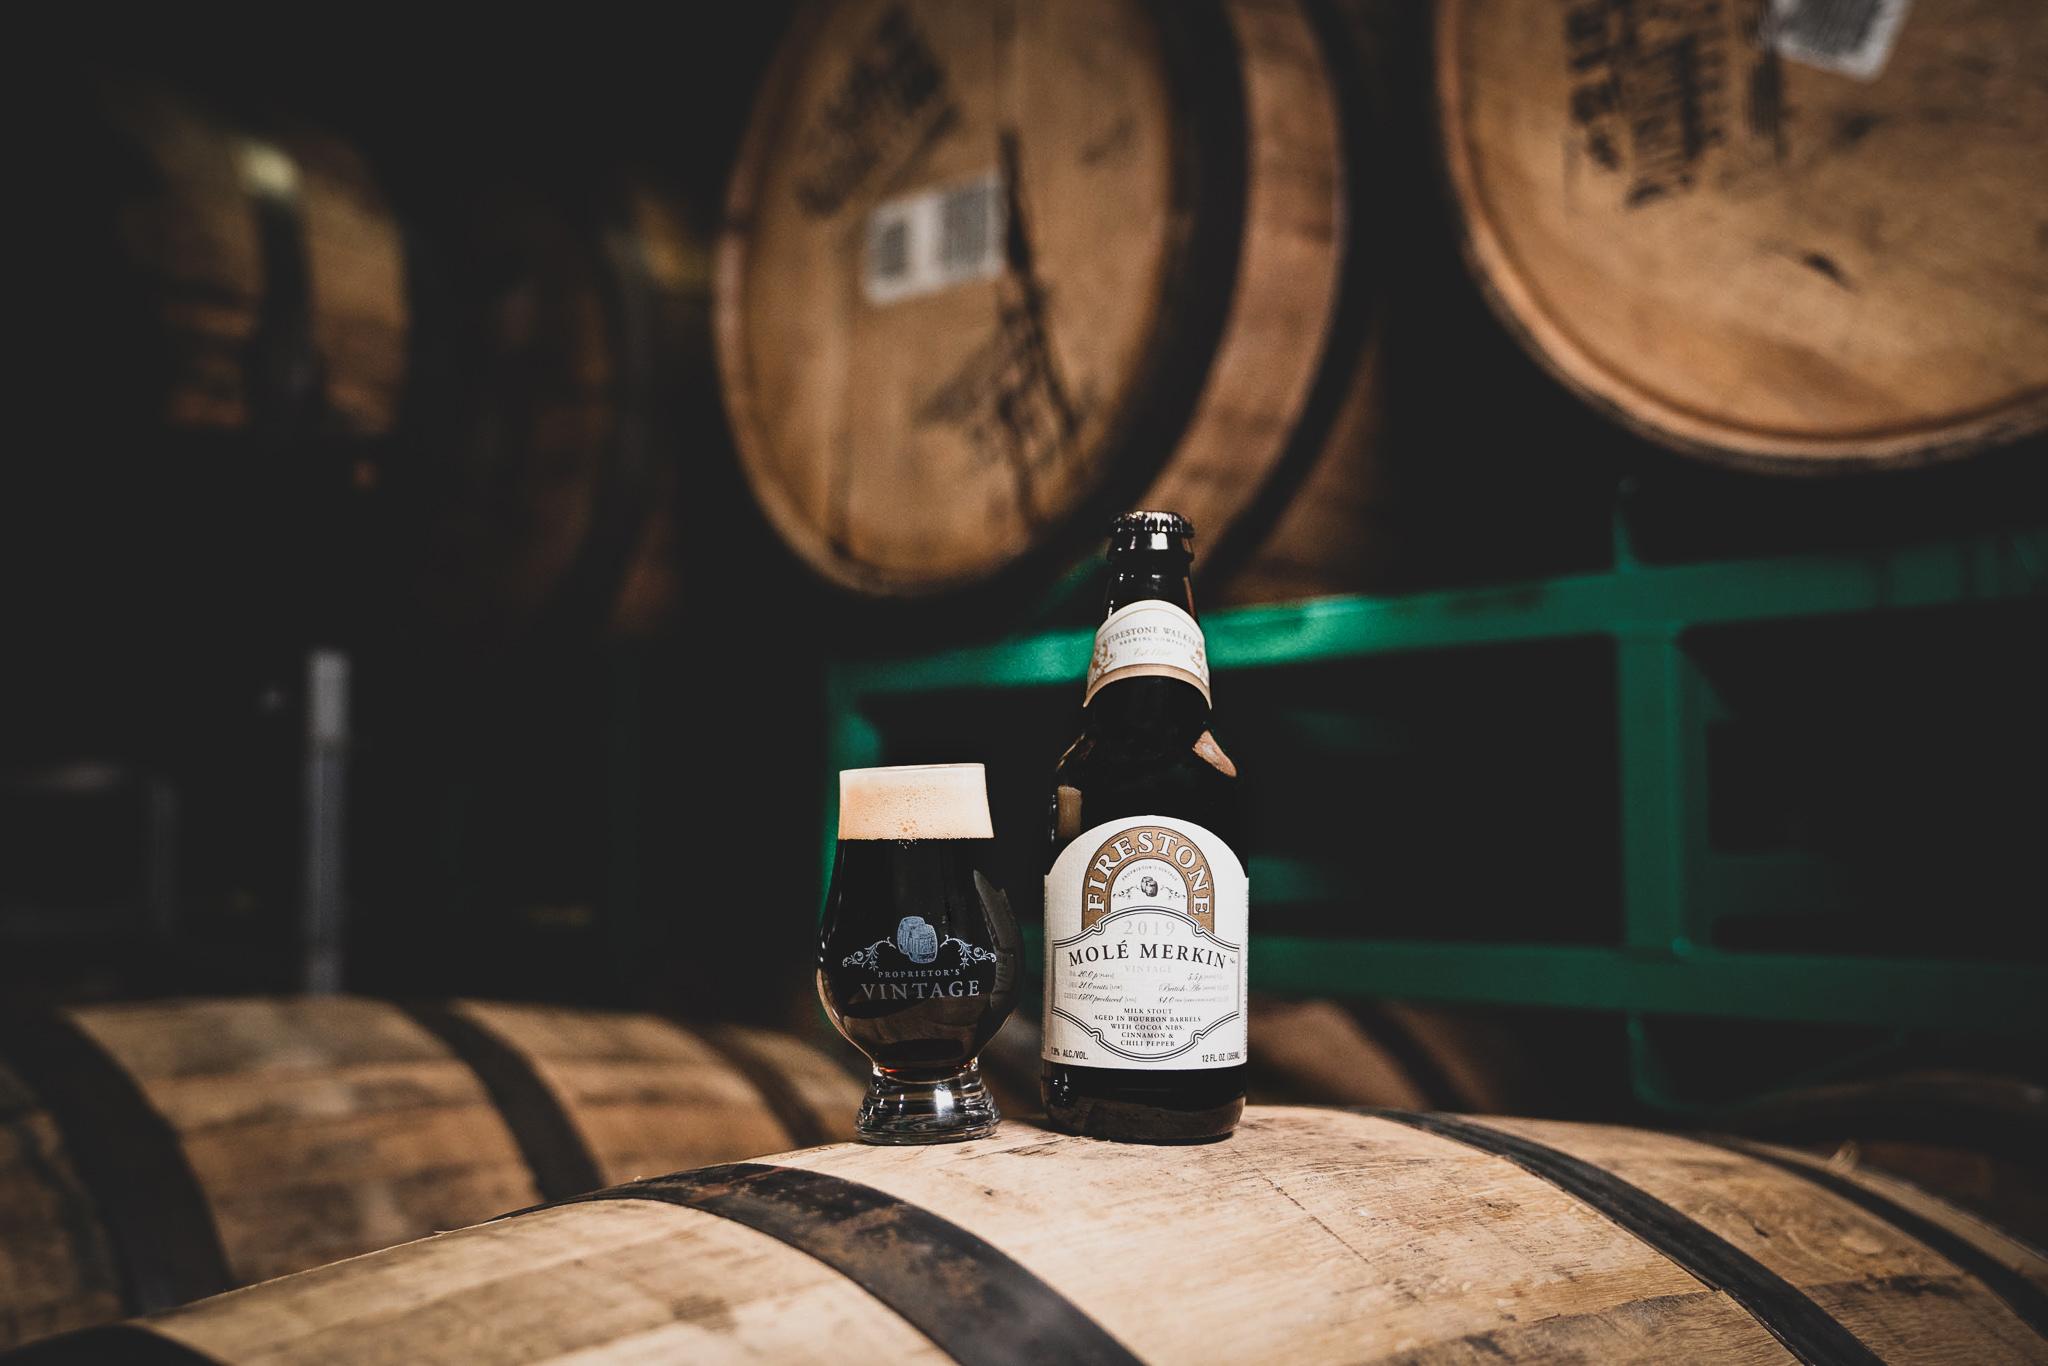 image of Mole Merkin sitting on barrels courtesy of Firestone Walker Brewing